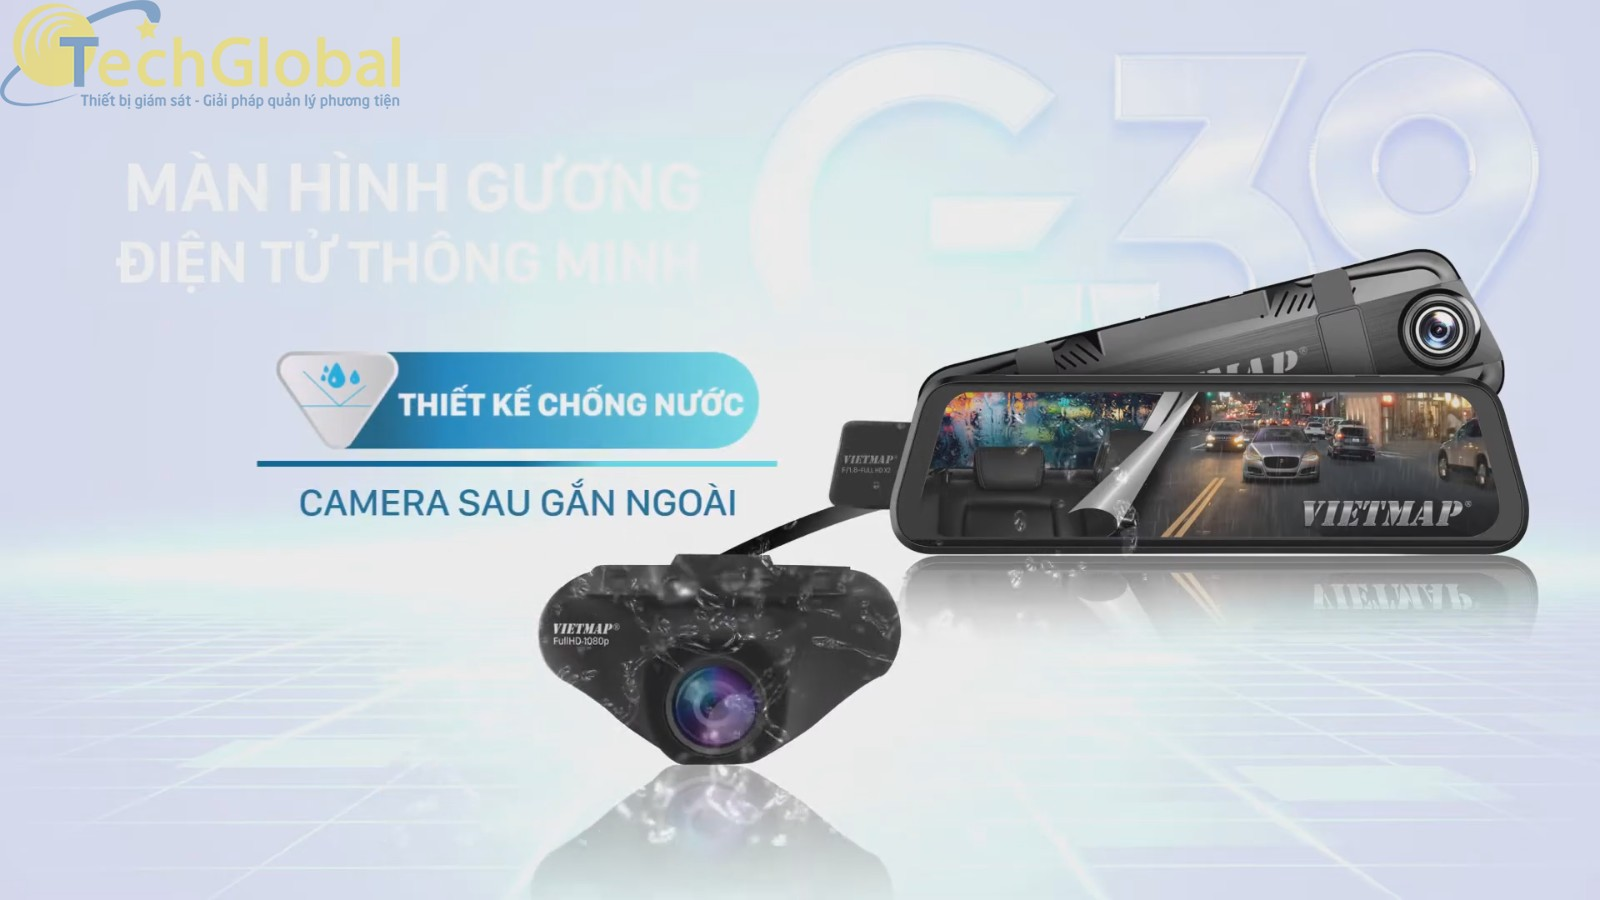 Camera sau của G39 có chức năng chống nước tuyệt đối và ghi hình Full HD